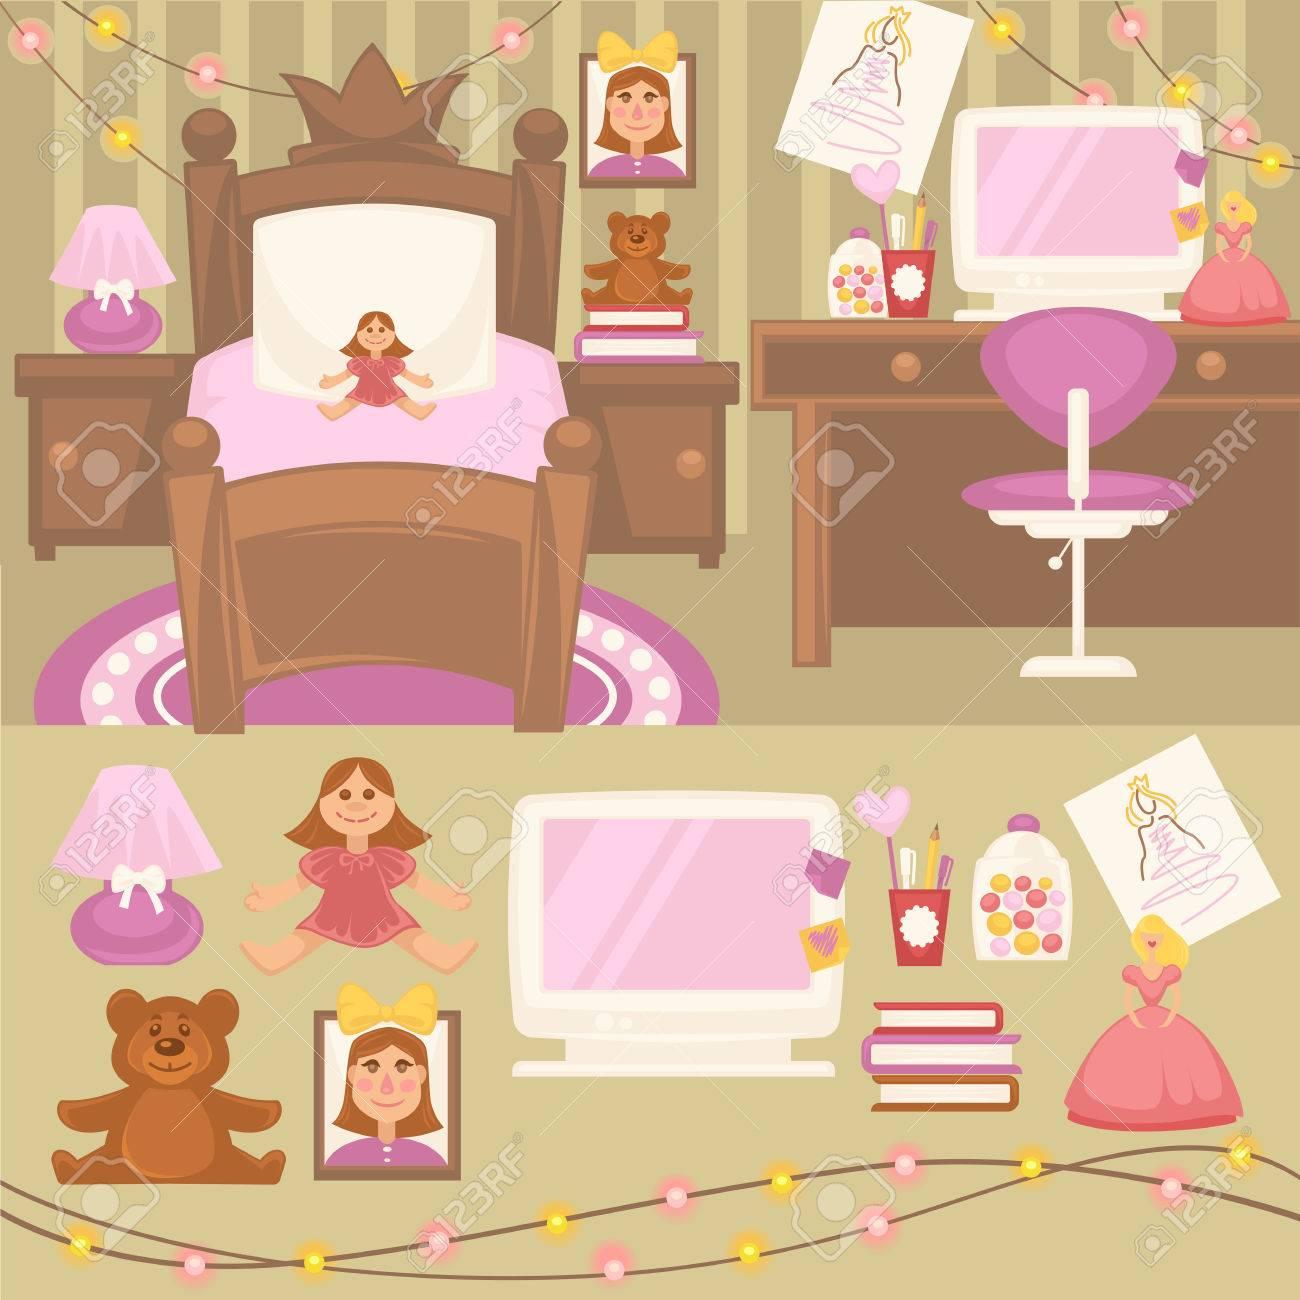 Juego De Muebles Para Las Niñas. Diseño Del Dormitorio. Habitación ...